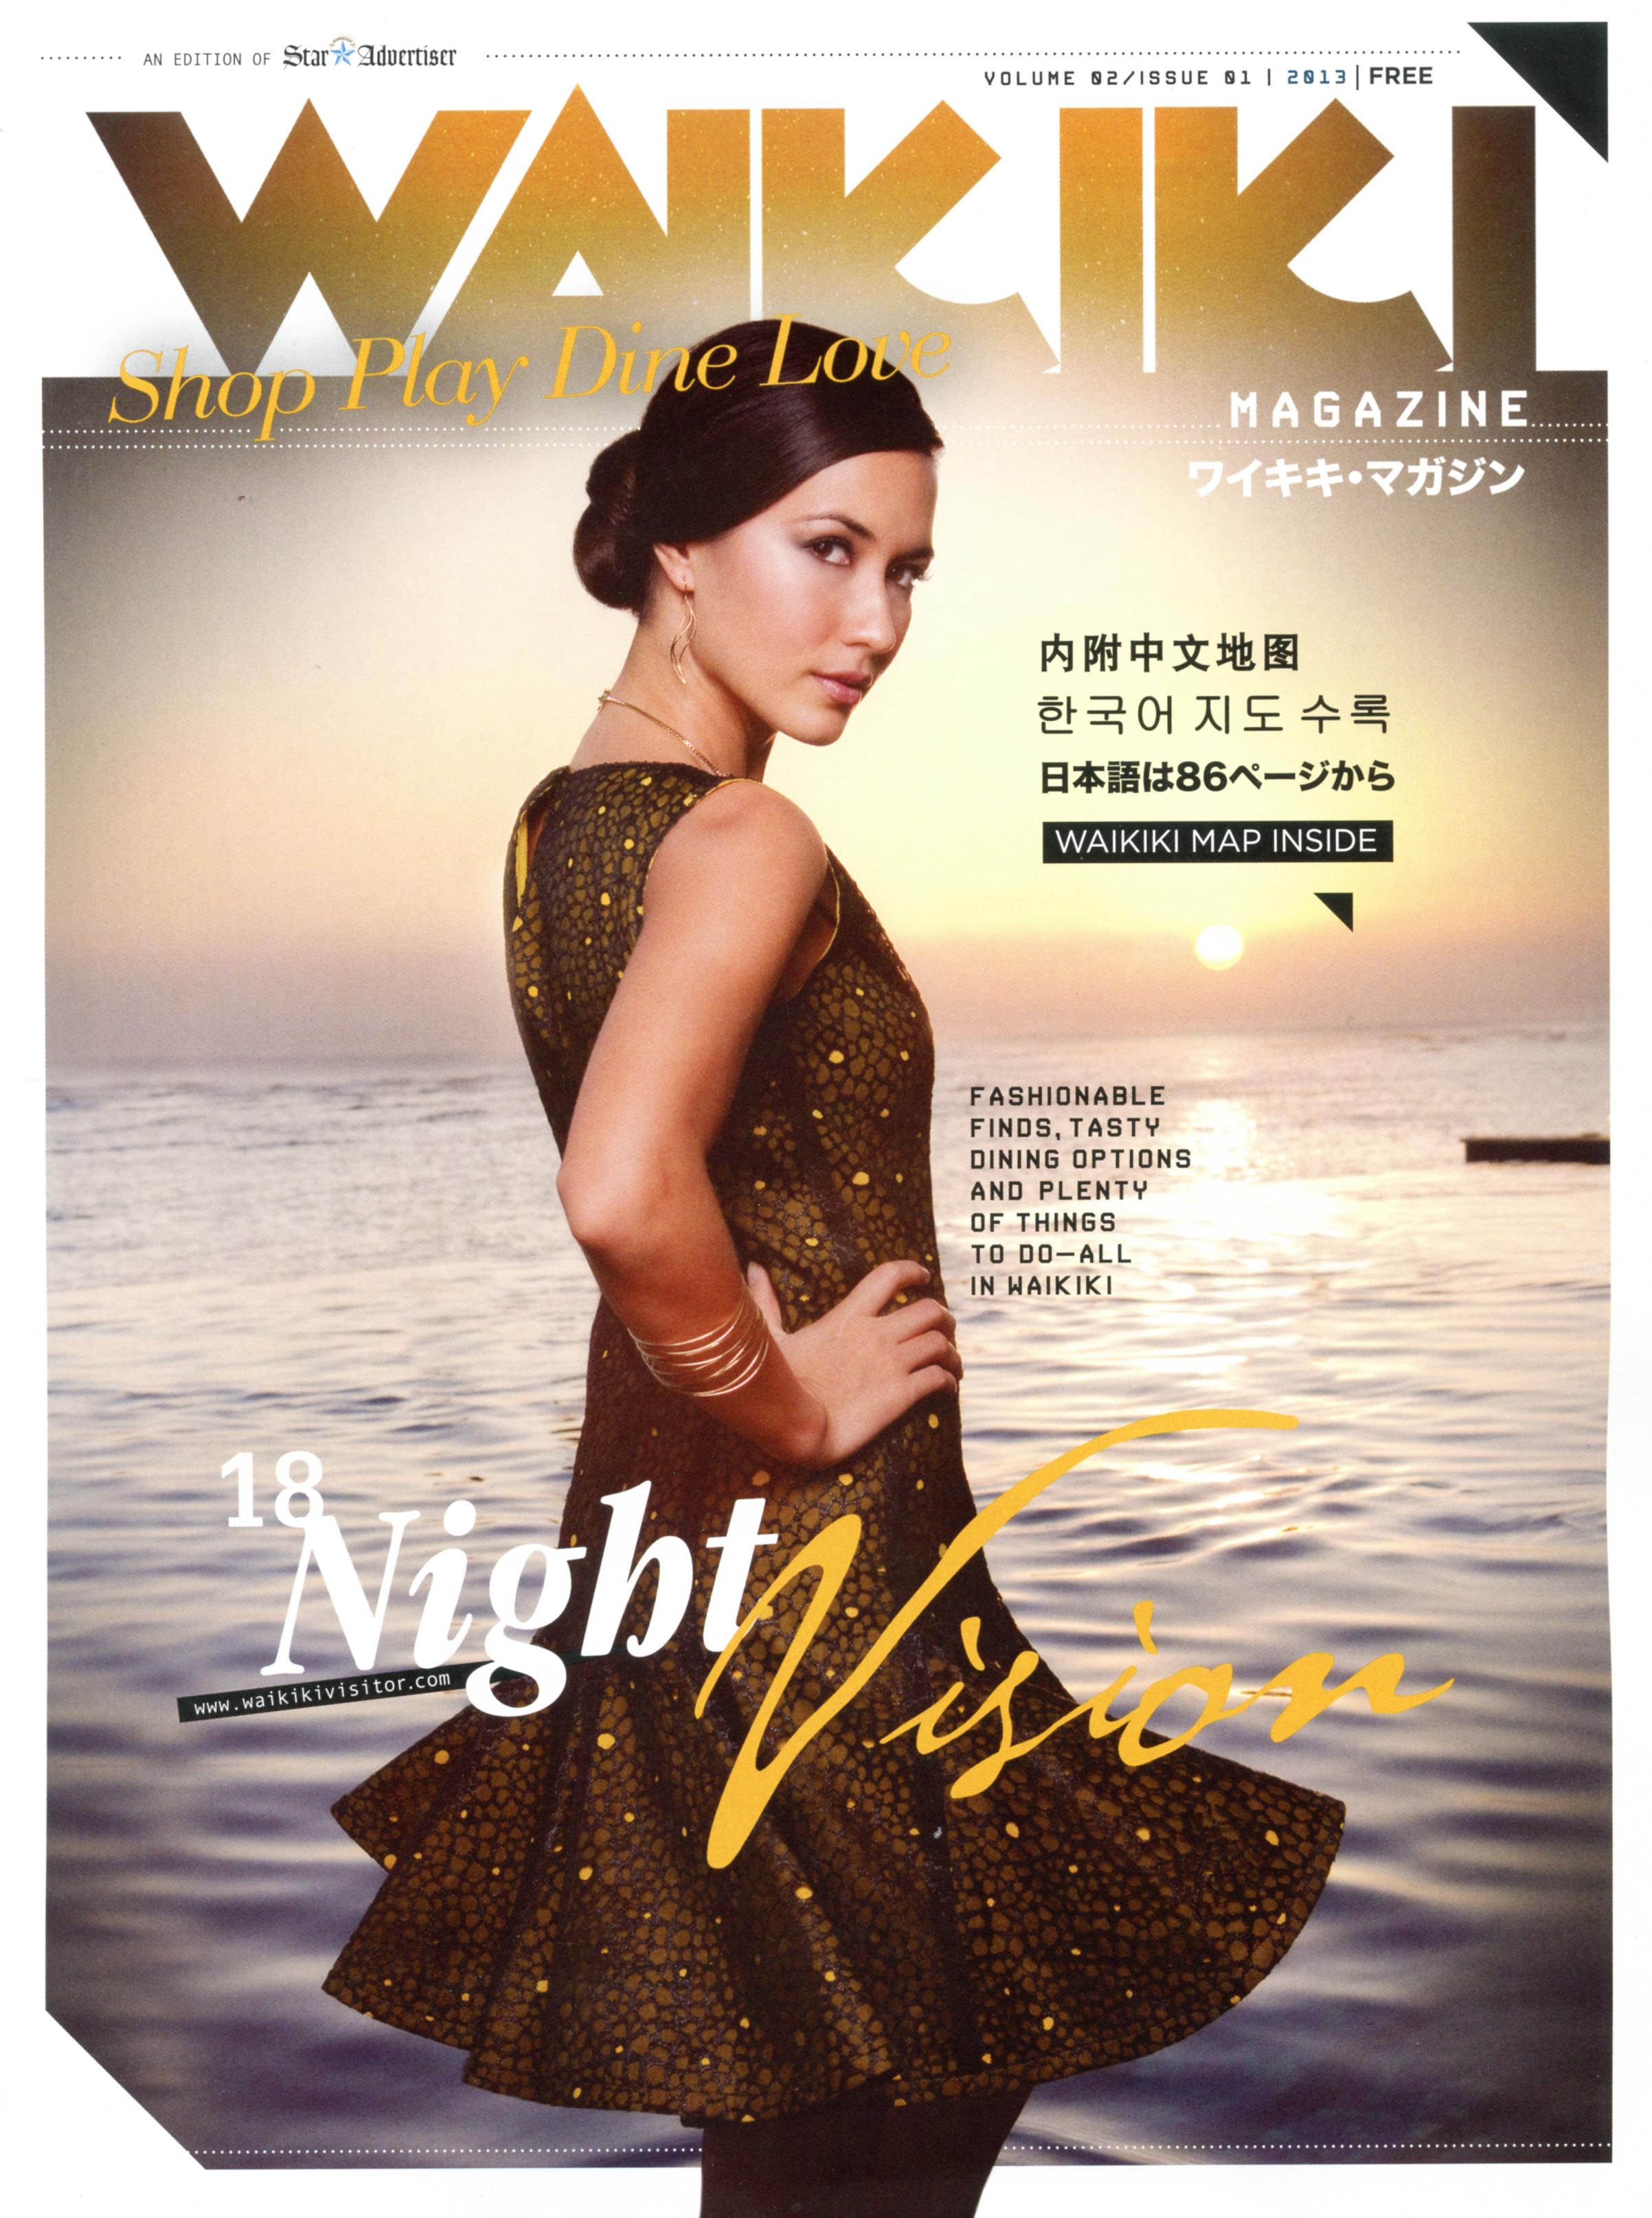 Deanna Waikiki Mag 2013  cover